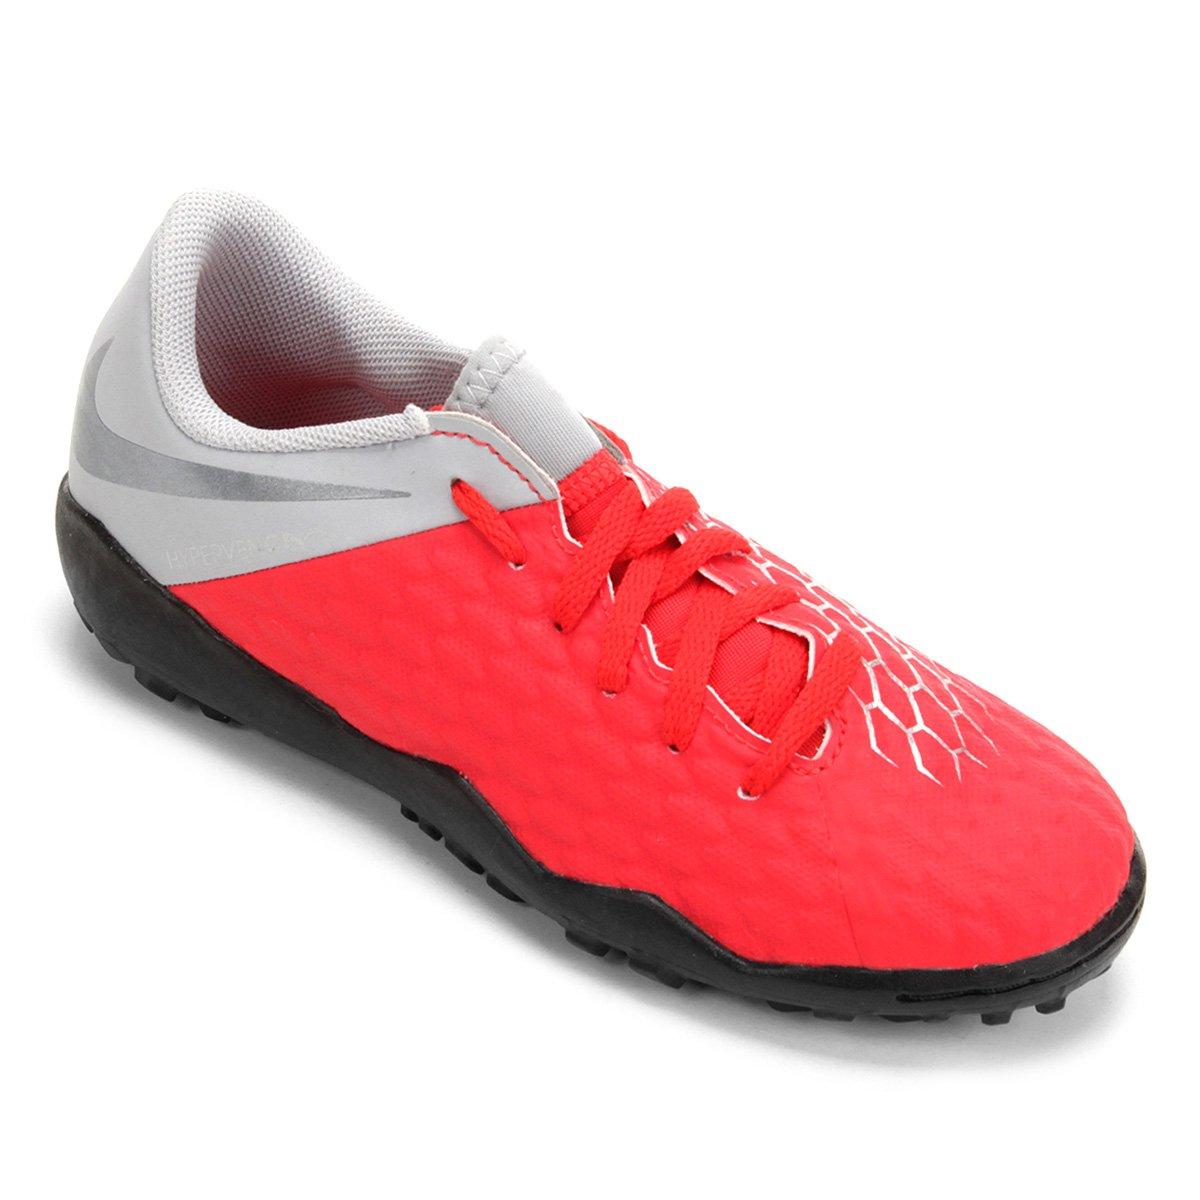 ae8333650b Chuteira Society Infantil Nike Hypervenom 3 Academy TF. undefined